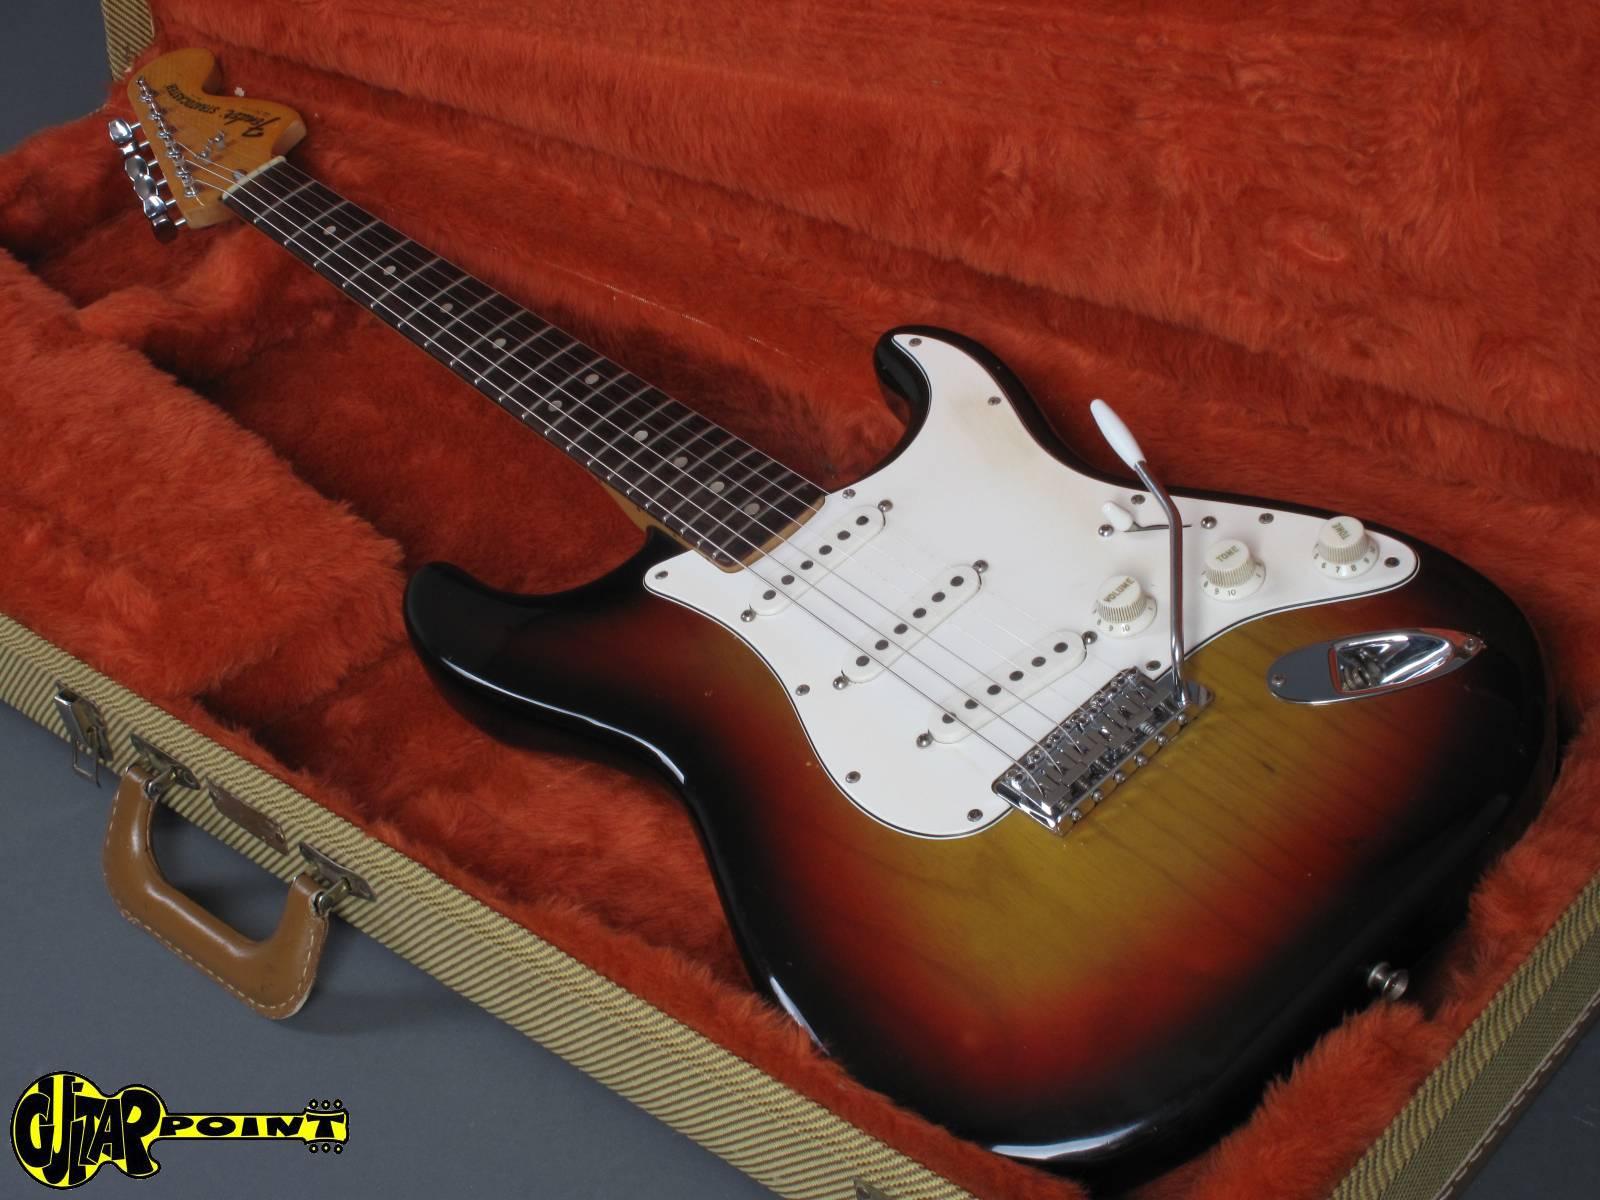 1976 fender stratocaster 3t sunburst rosewood neck vi76festr3tsb68836. Black Bedroom Furniture Sets. Home Design Ideas